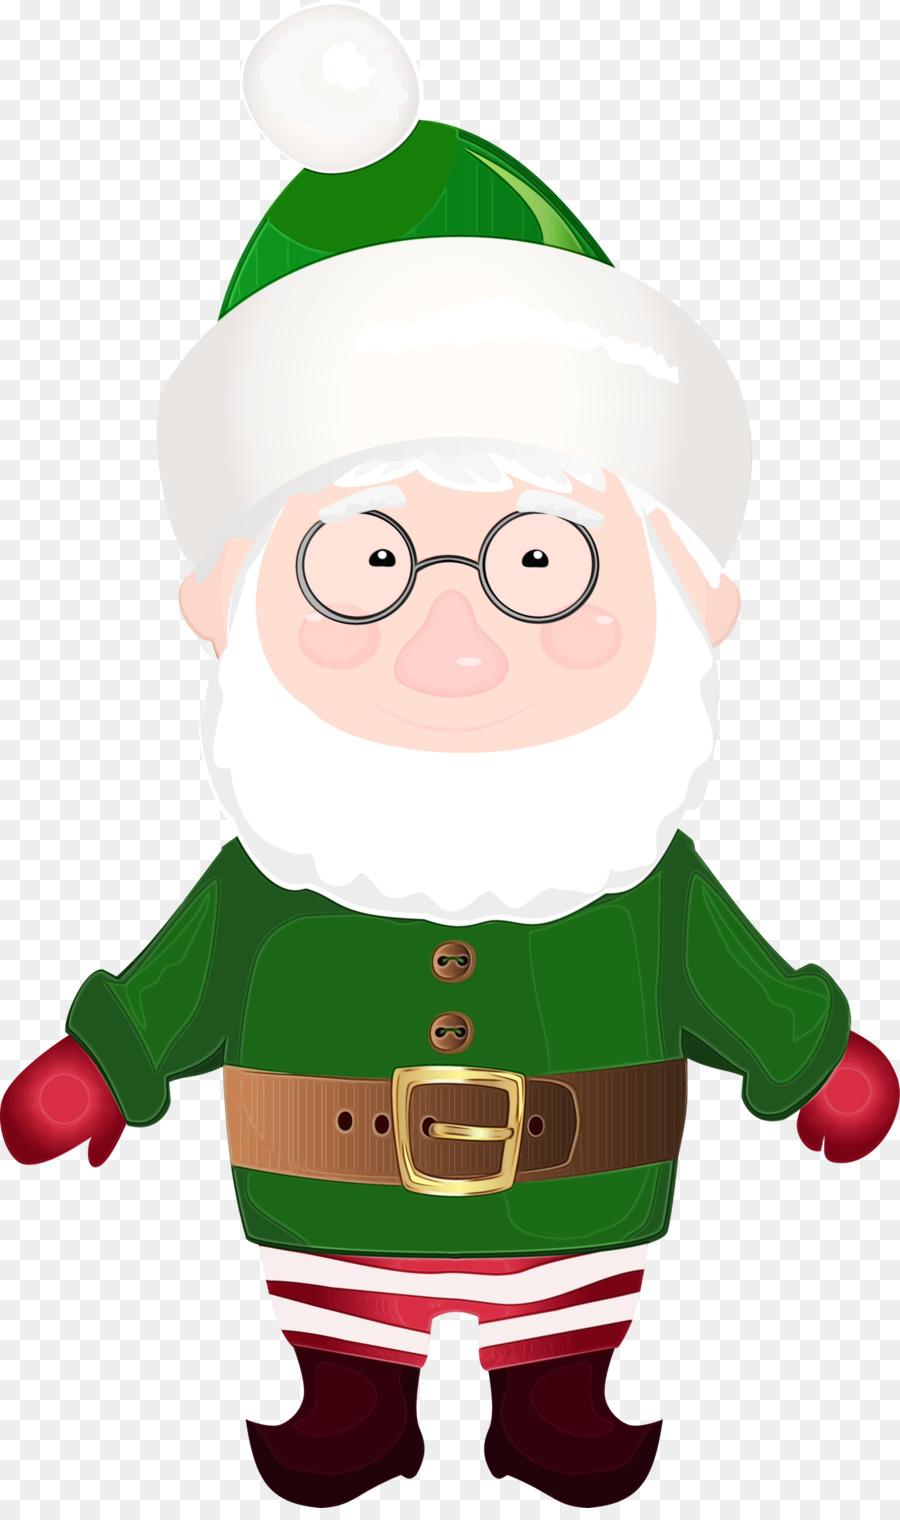 Descarga gratuita de La Señora Claus, Santa Claus, La Navidad imágenes PNG